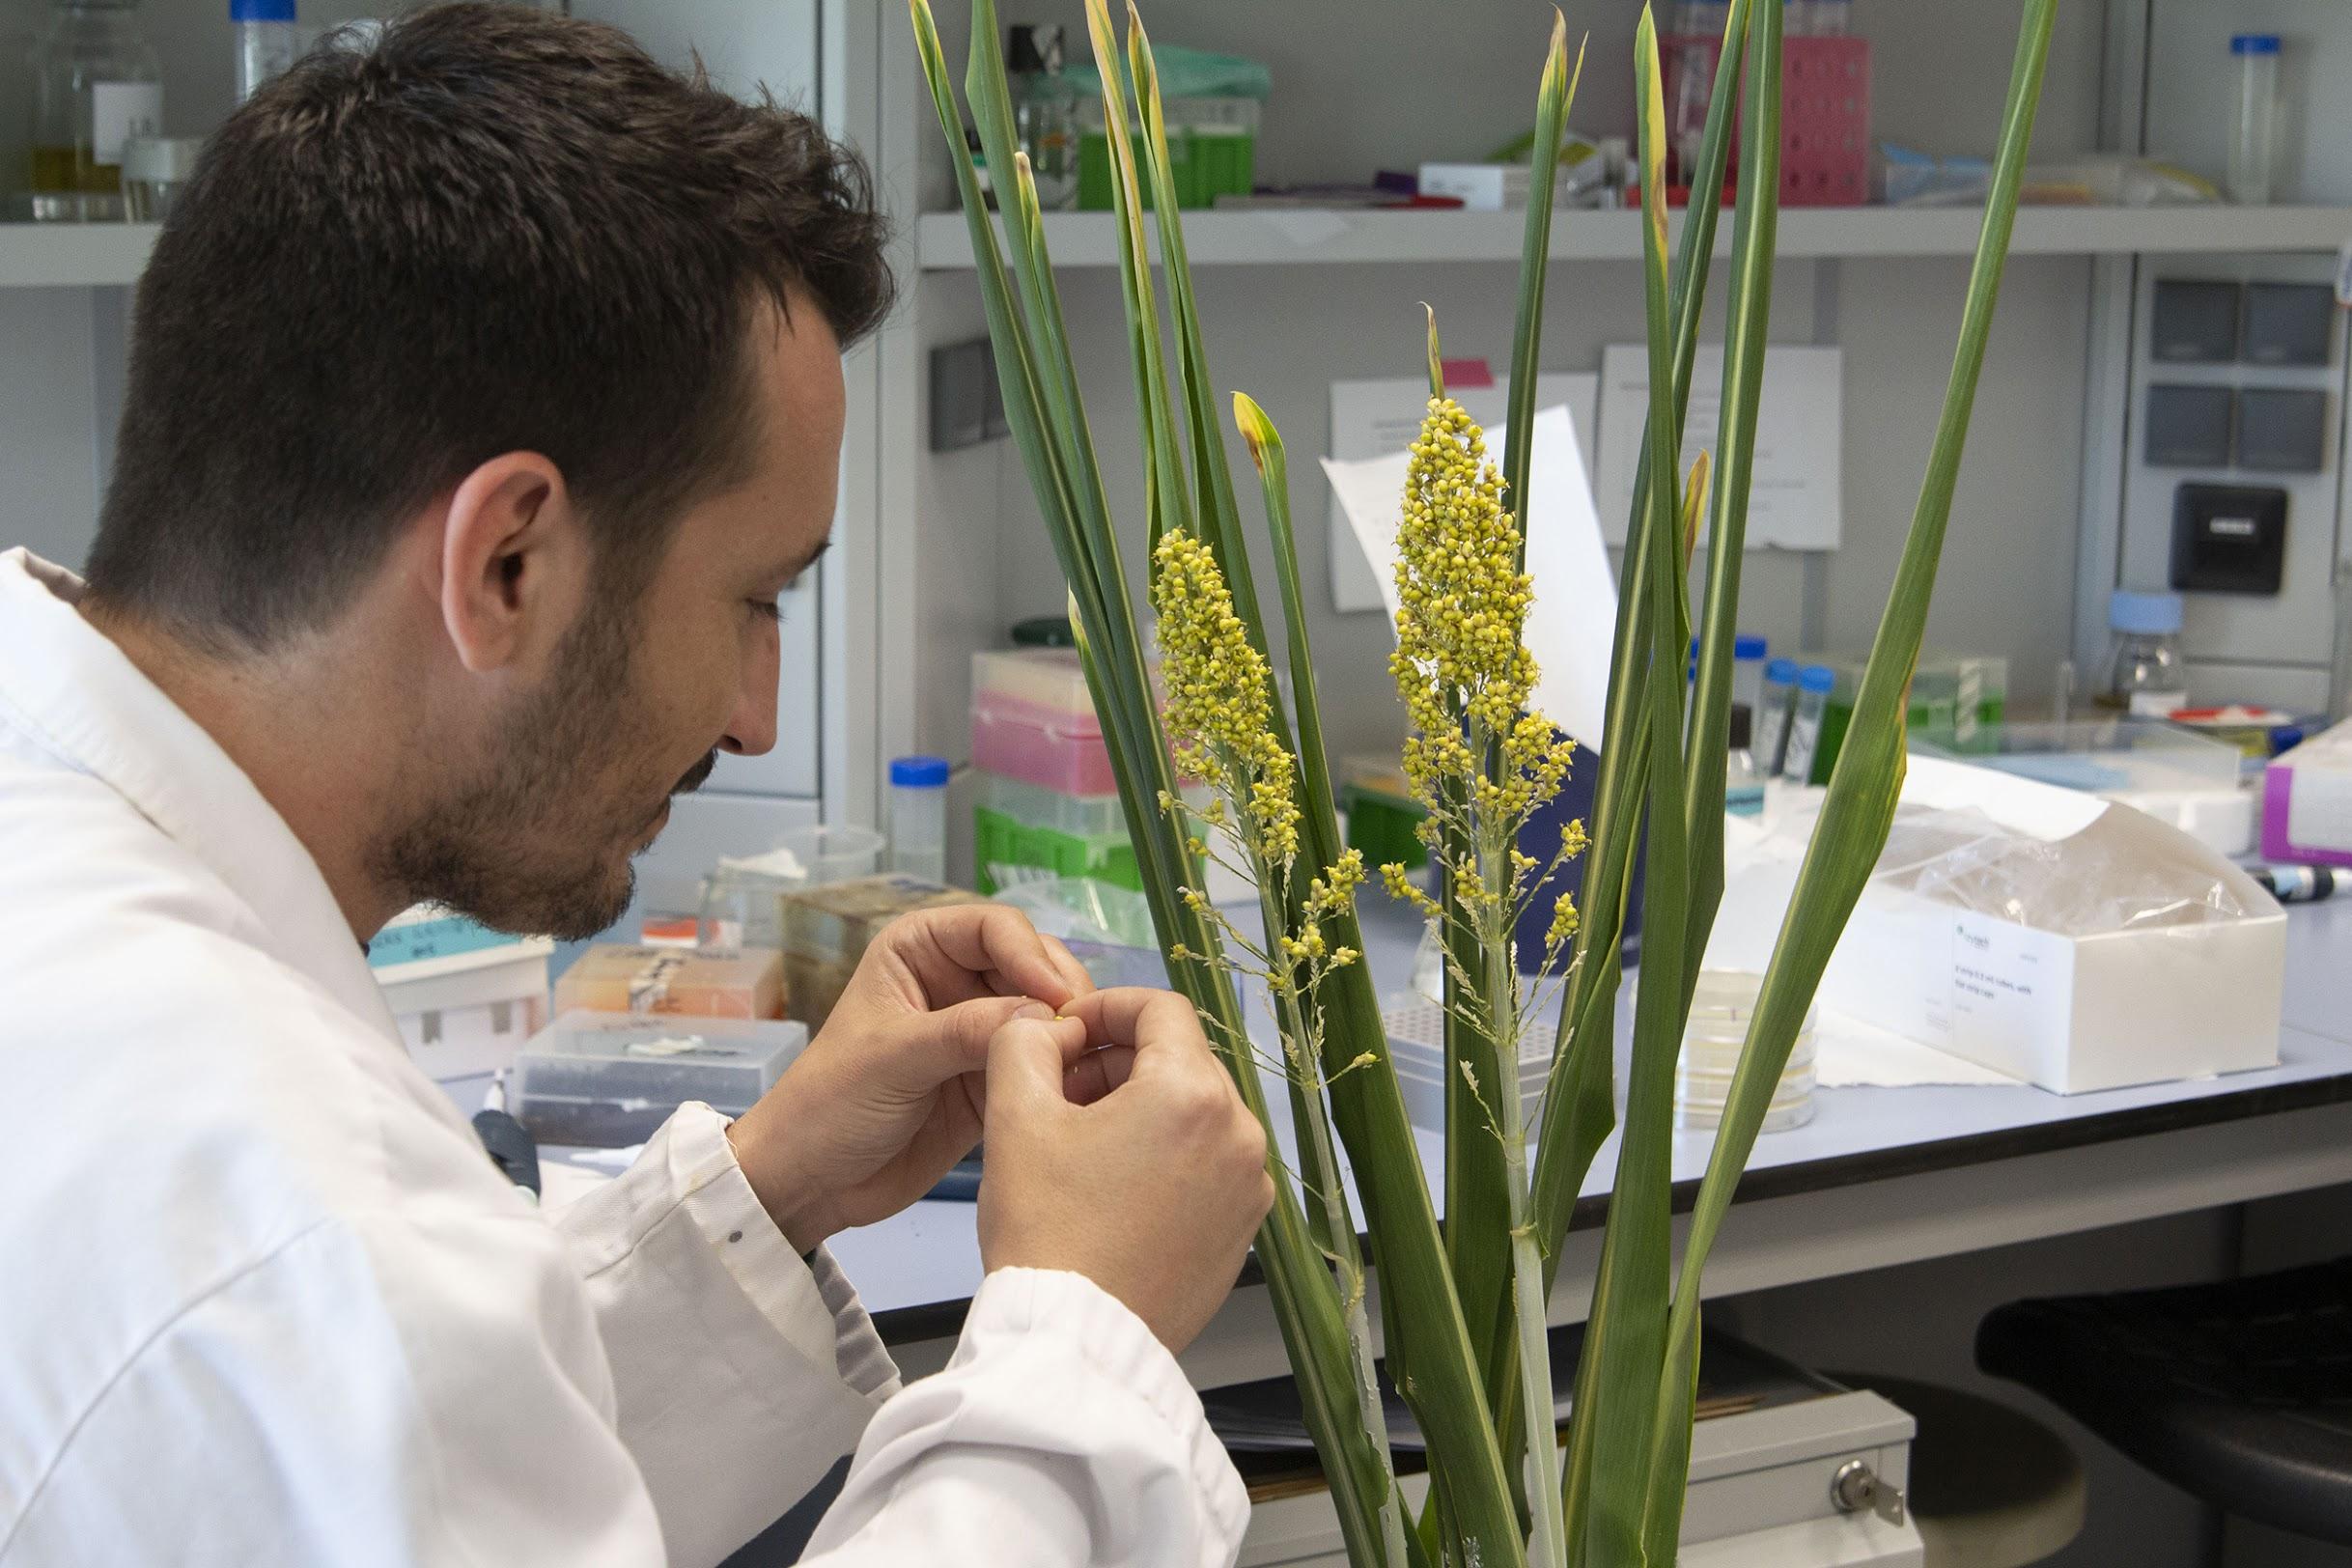 Un investigador recoge semillas de sorgo en su laboratorio./ CRAG